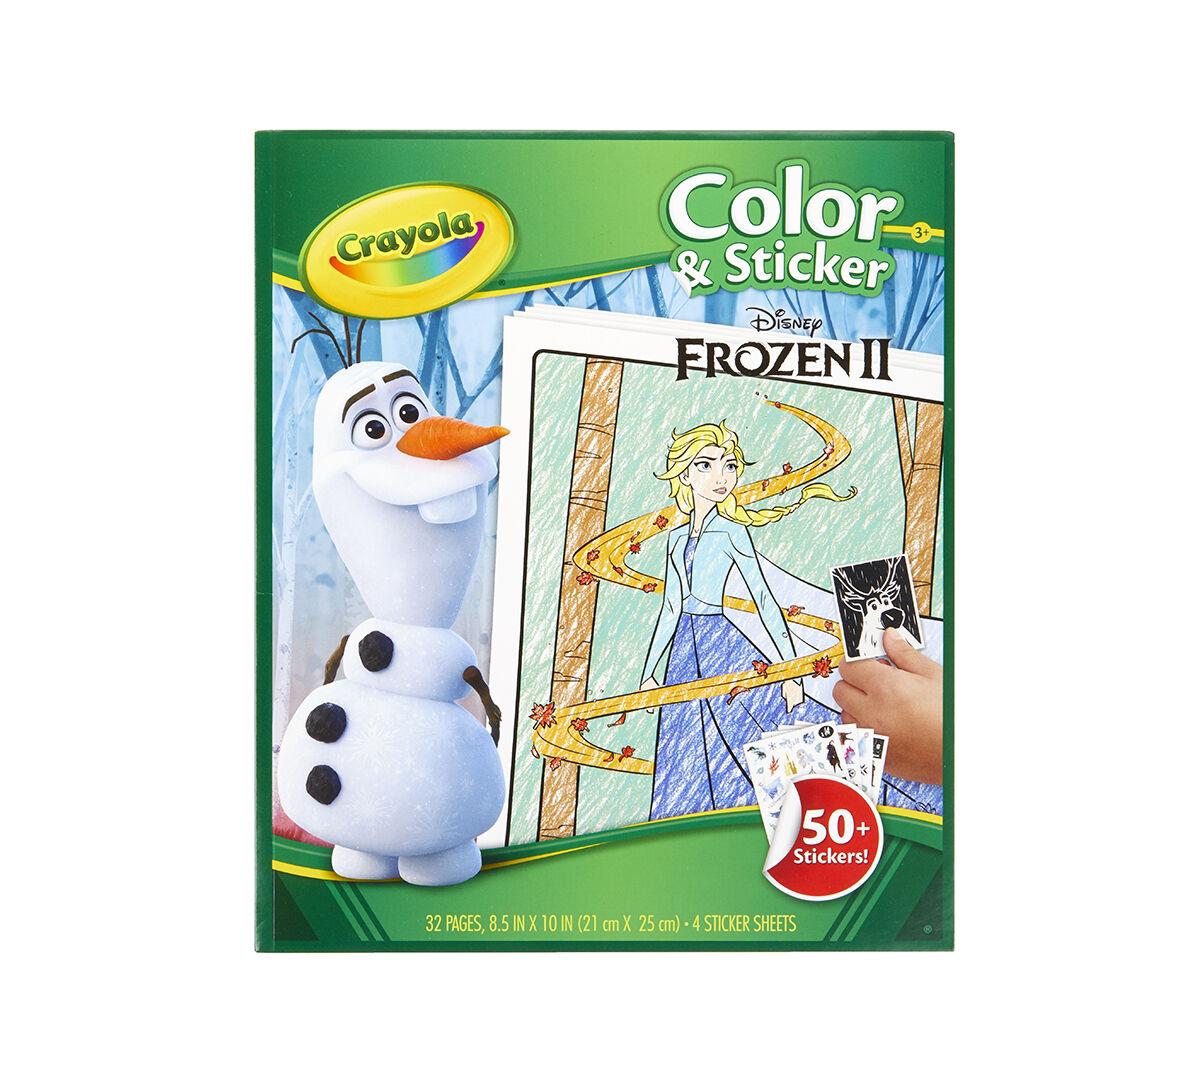 - Frozen 2 Coloring Pages & Sticker Book Crayola.com Crayola